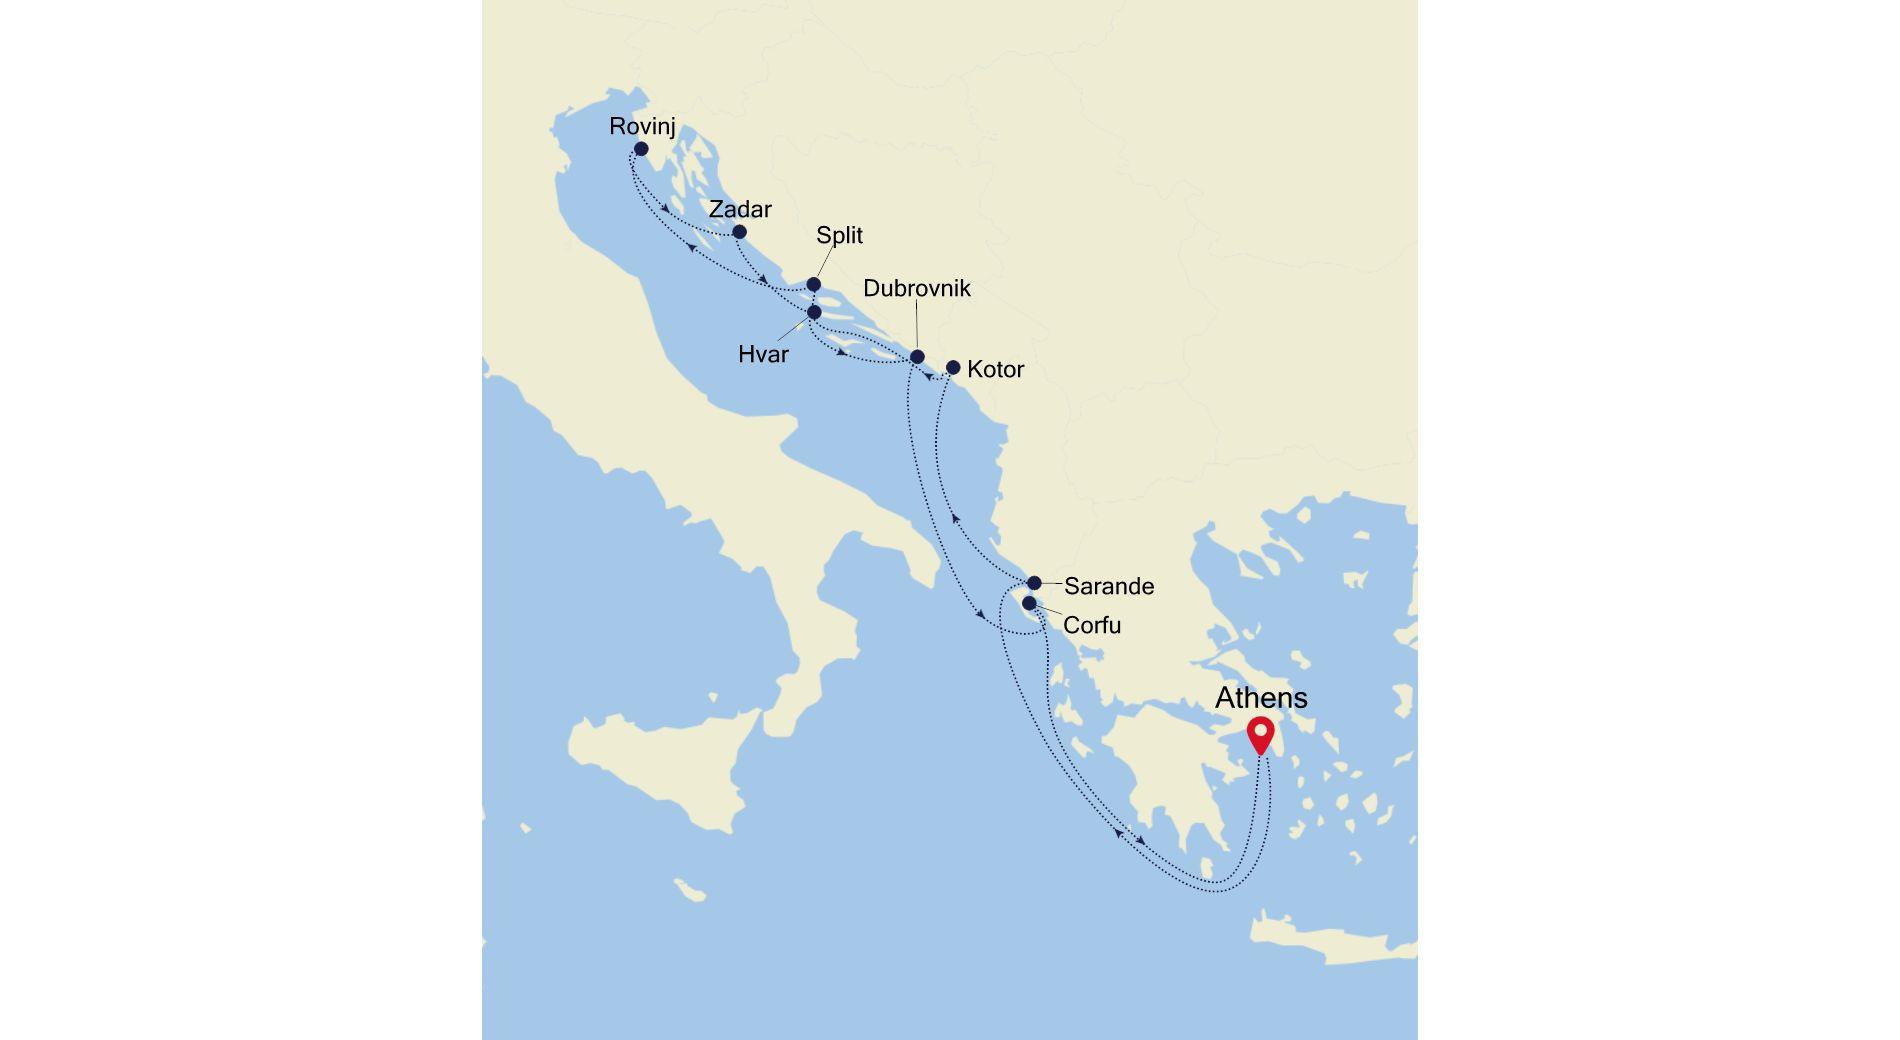 SL200424011 - Venice to Venice